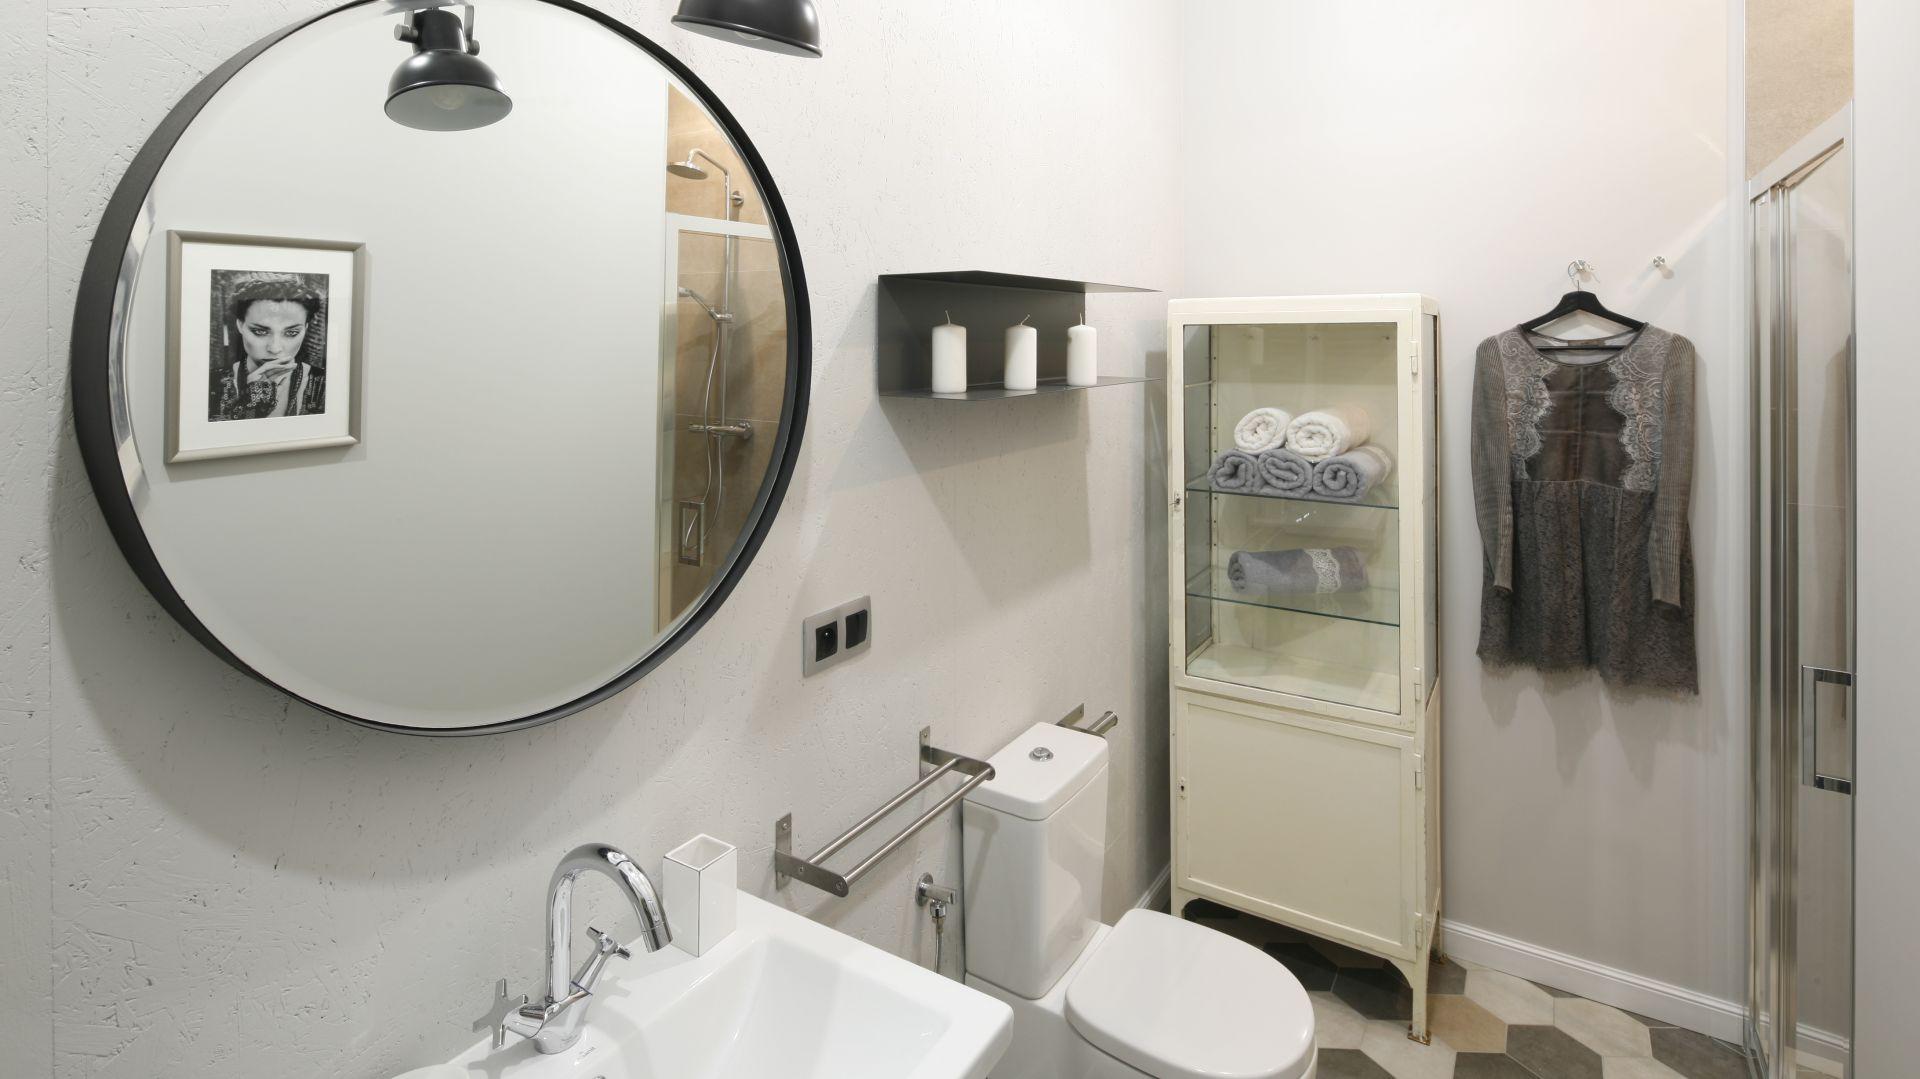 Pomysł na lustro łazienkowe. Proj. Katarzyna Moraczewska, Barbara Przasnyska. Fot. Bartosz Jarosz